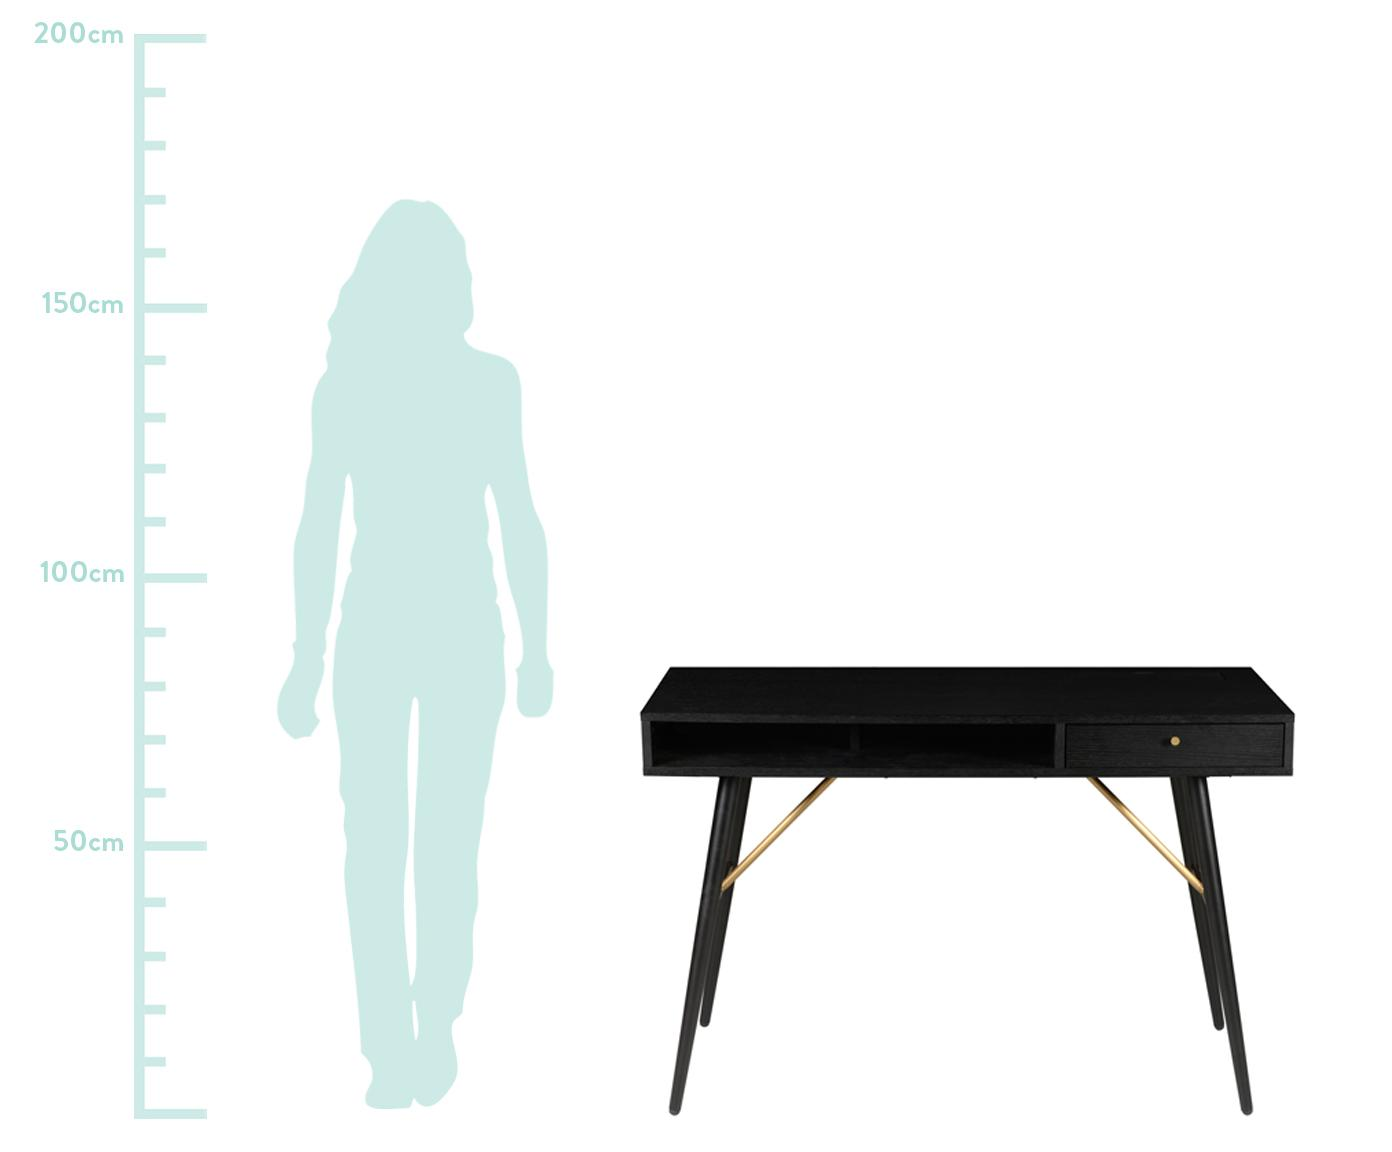 Biurko Verona, Korpus: płyta pilśniowa średniej , Nogi: metal malowany proszkowo, Czarny, S 117 x G 57 cm